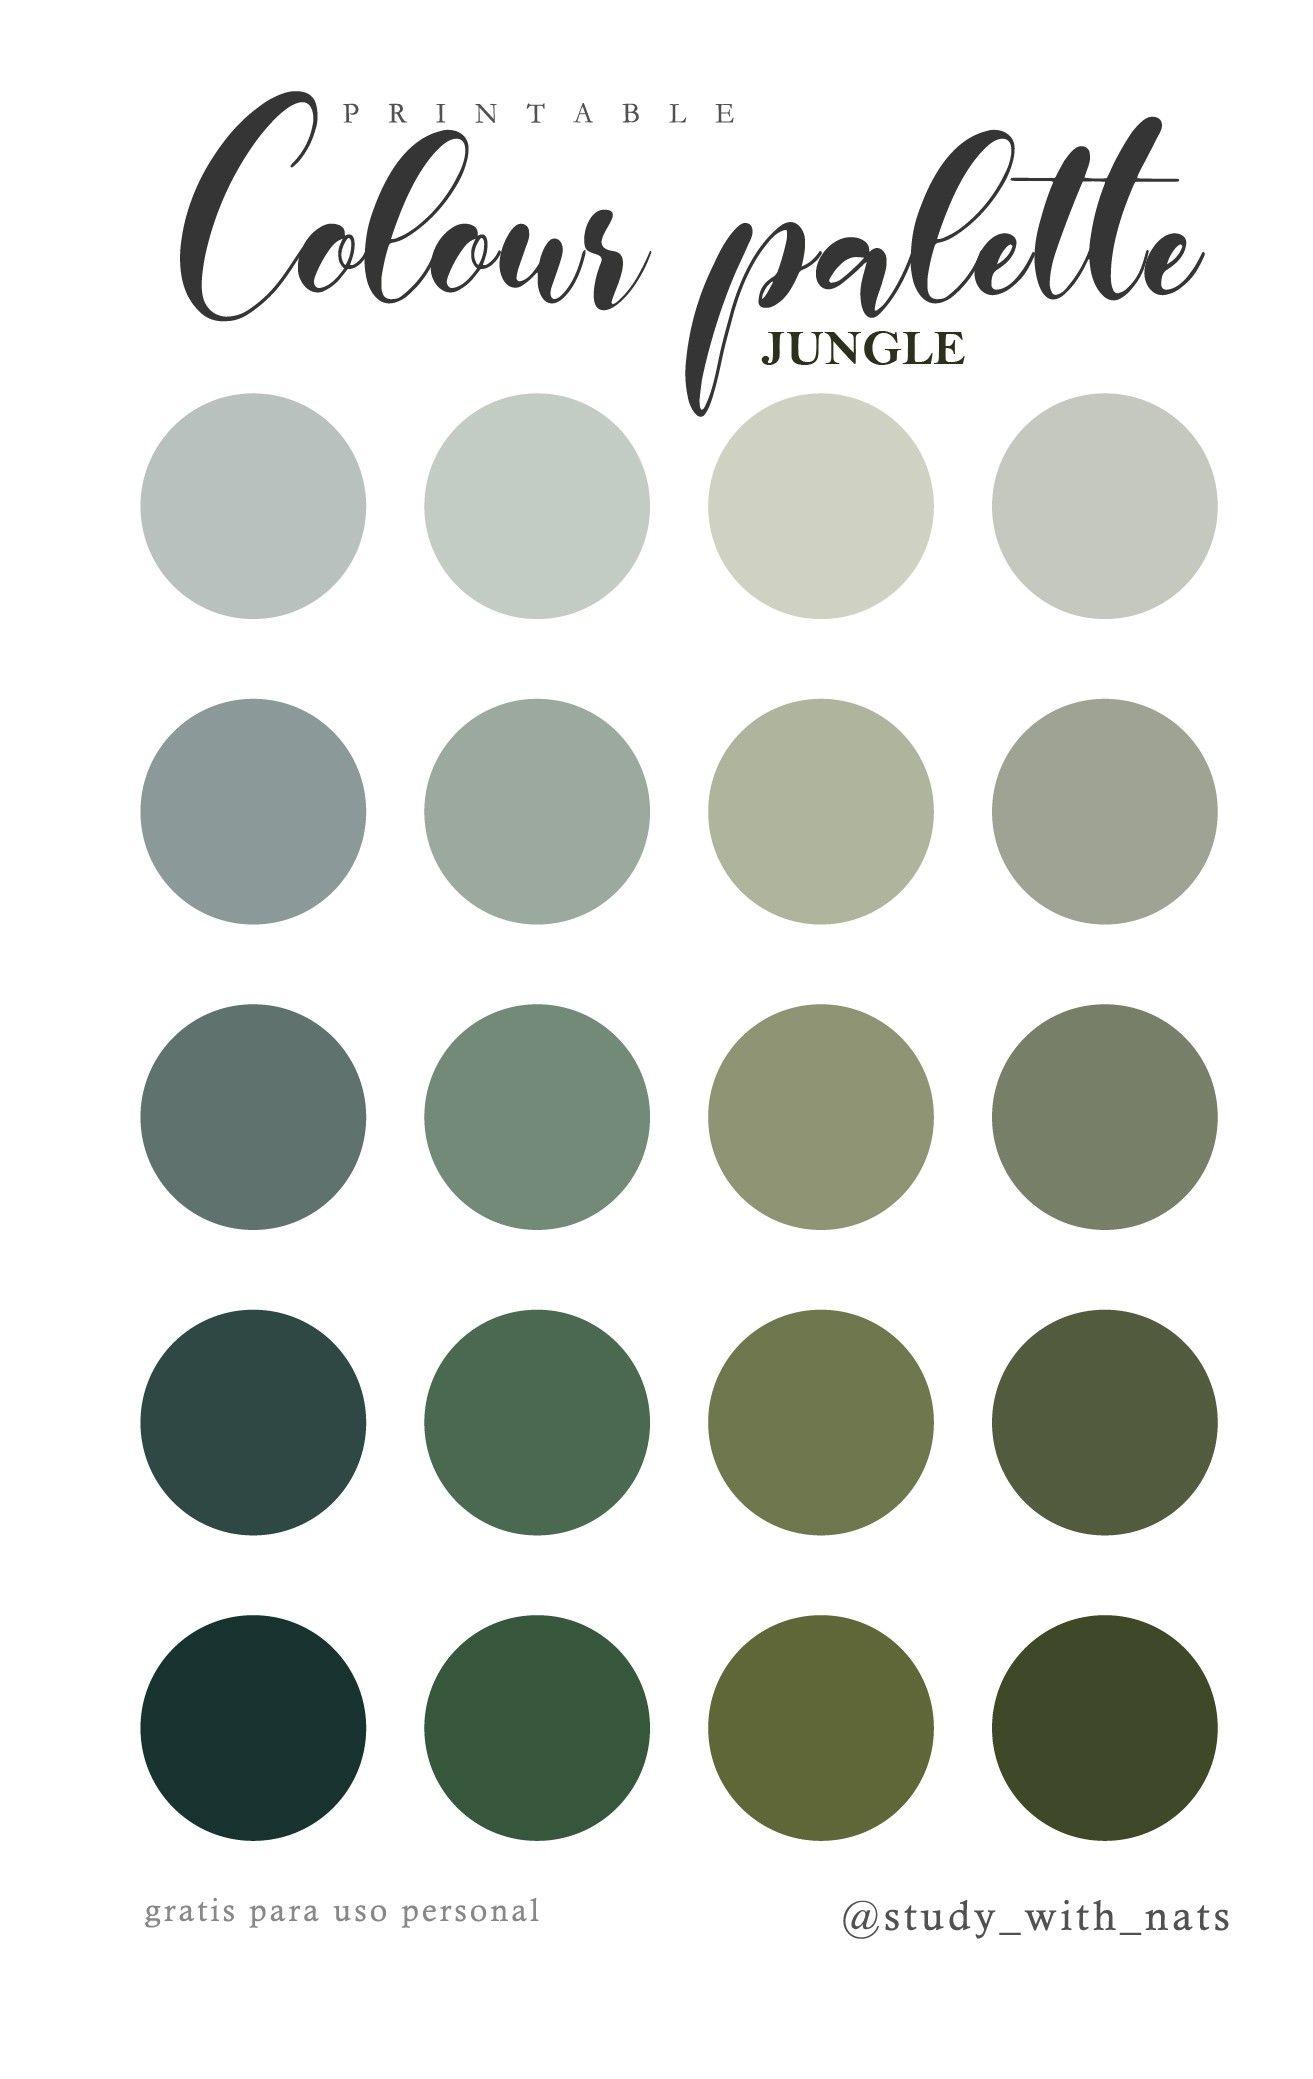 Printable colour palette jungle